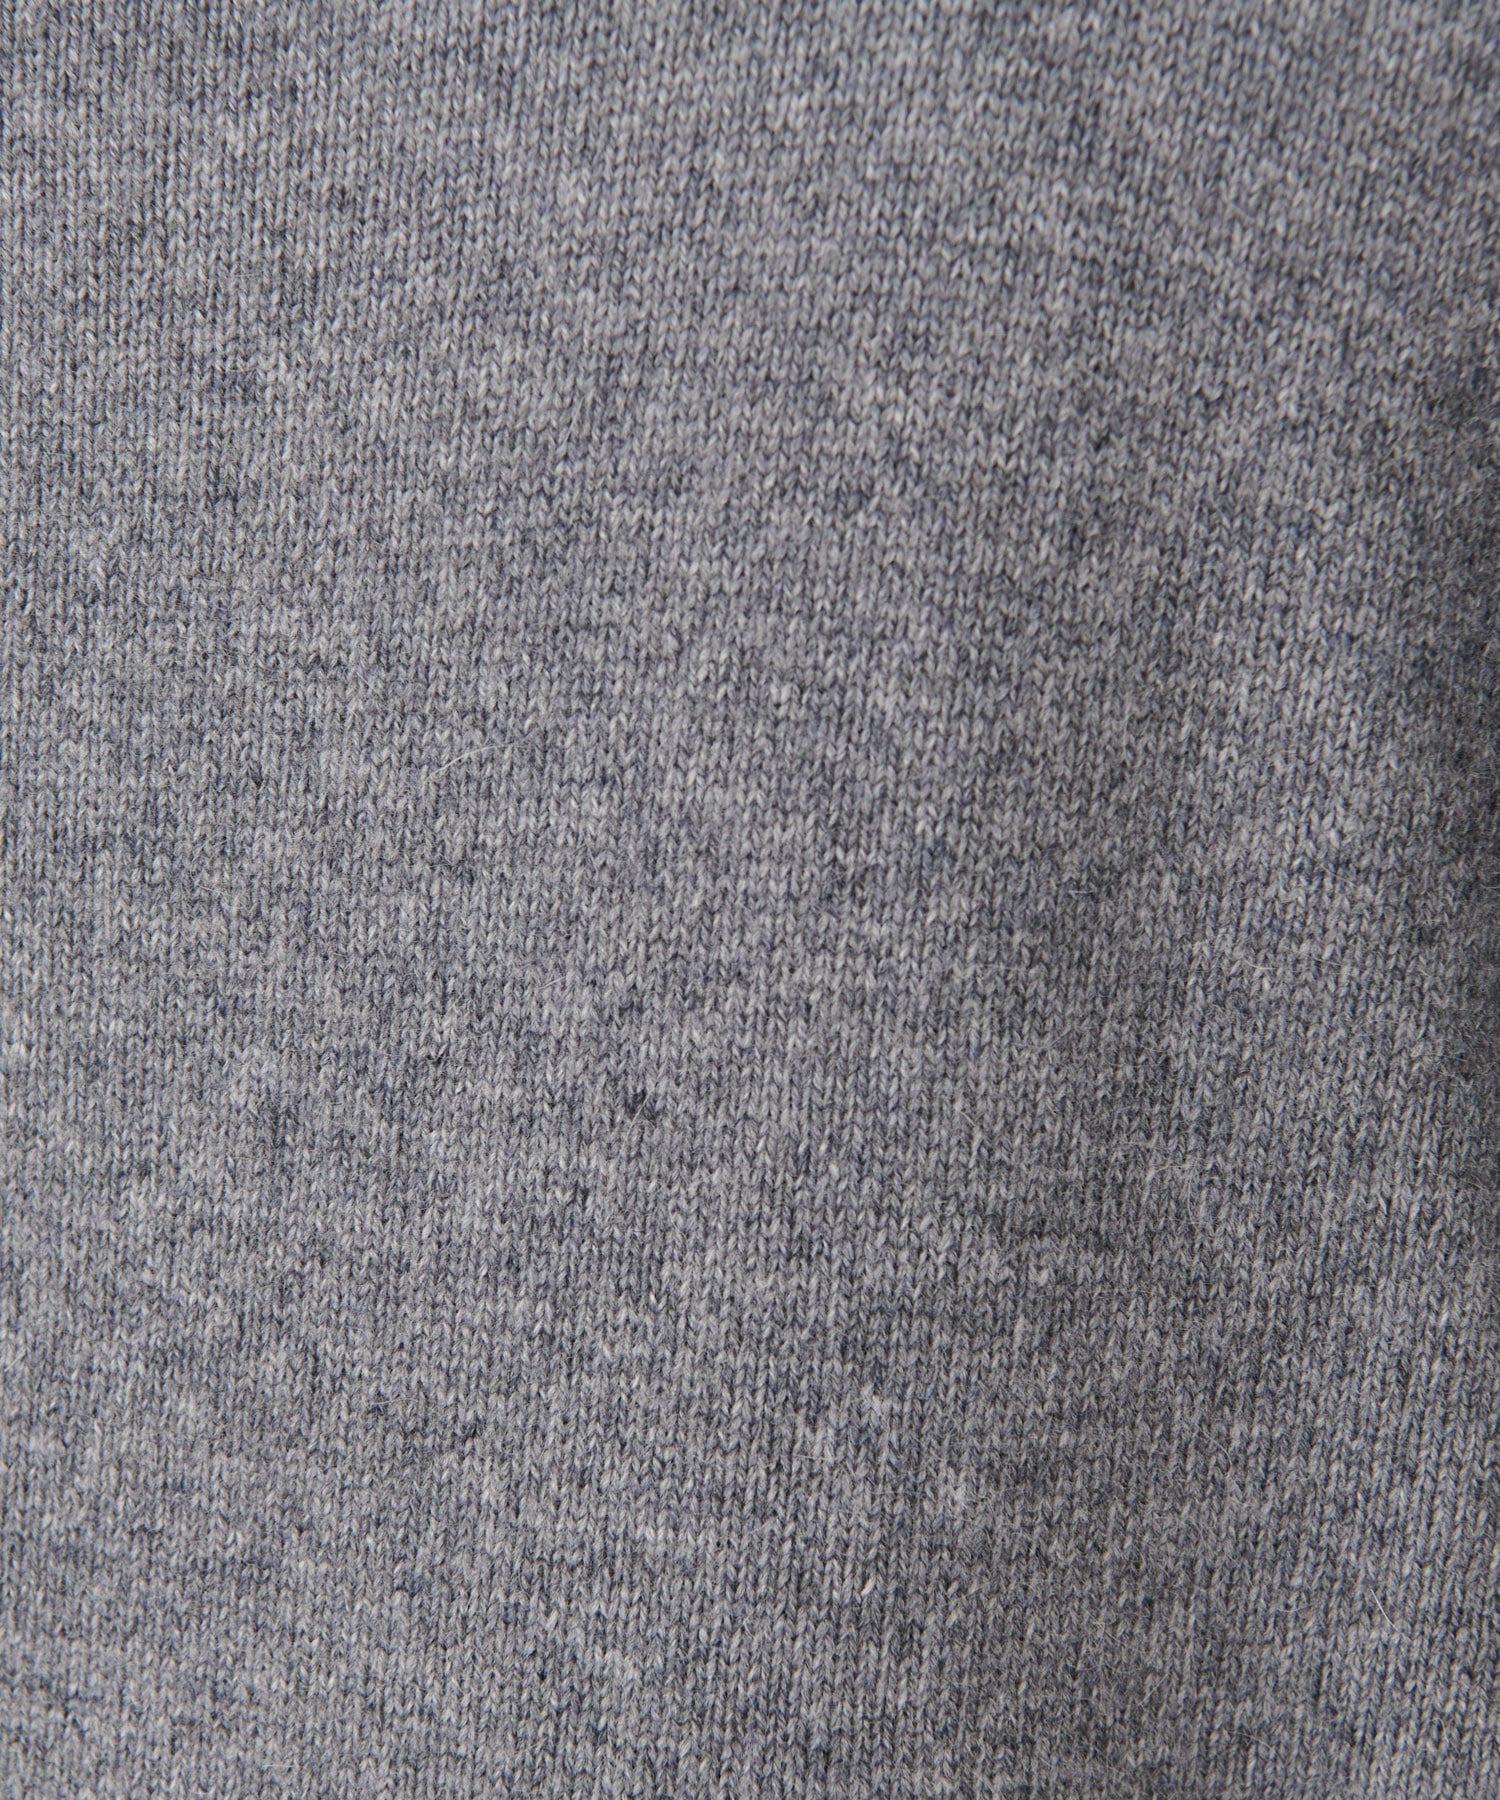 BEARDSLEY(ビアズリー) 裾刺繍ニット